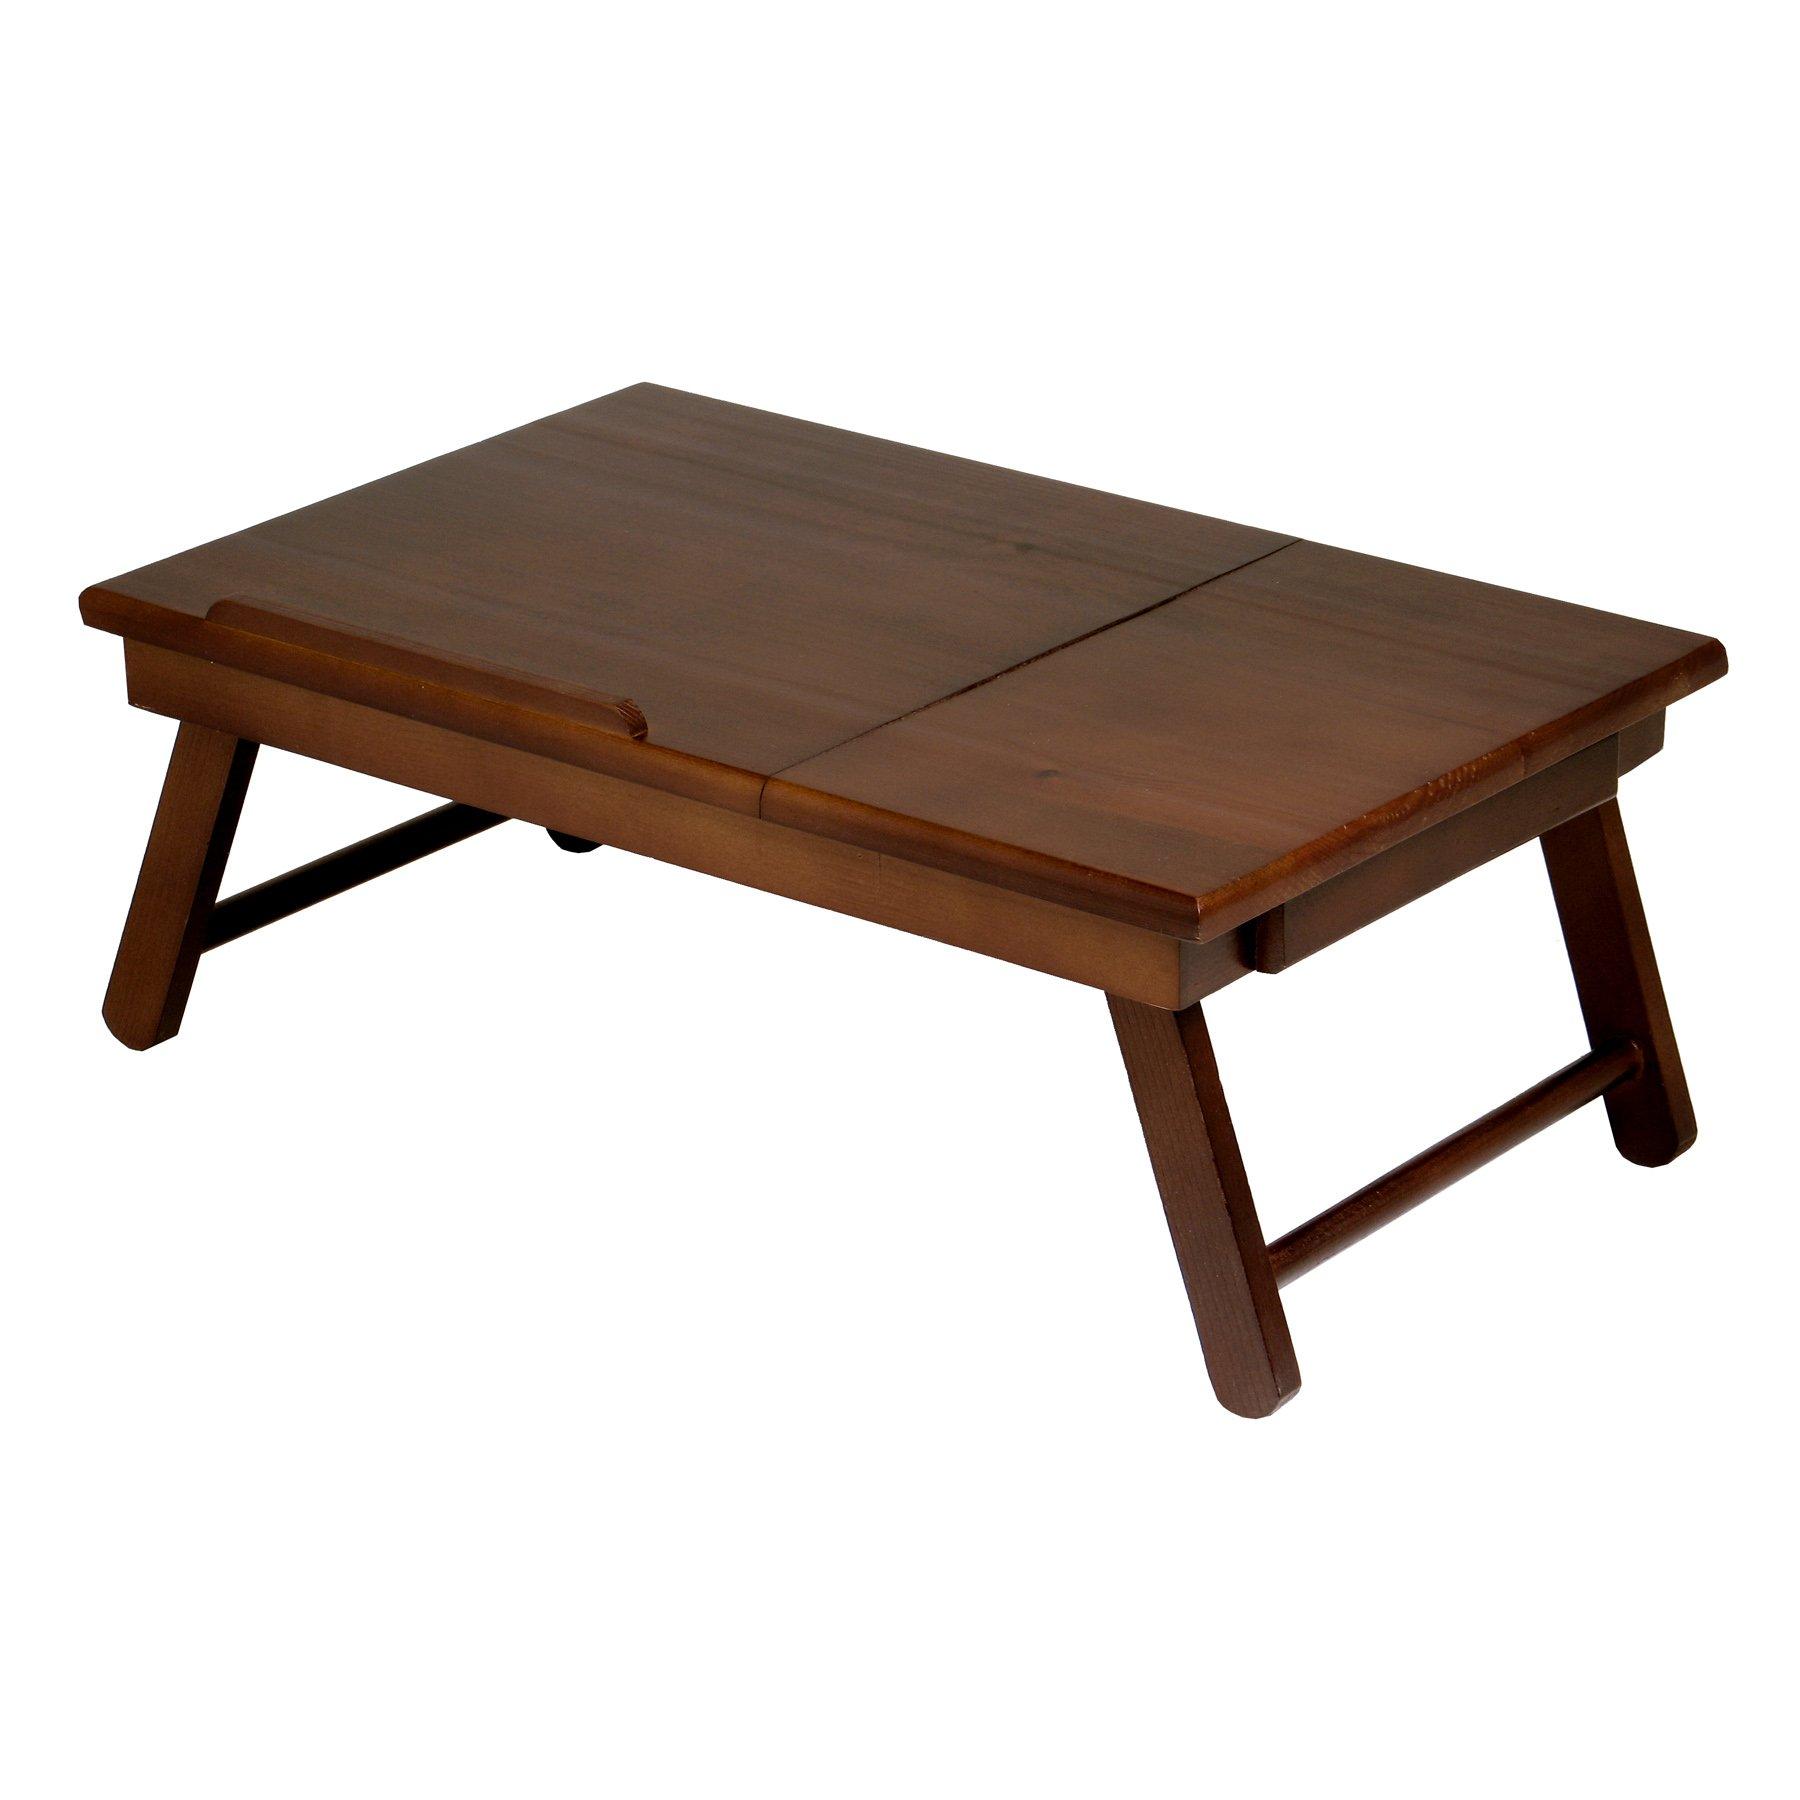 Cheap Winsome Alden Lap Desk Find Winsome Alden Lap Desk Deals On